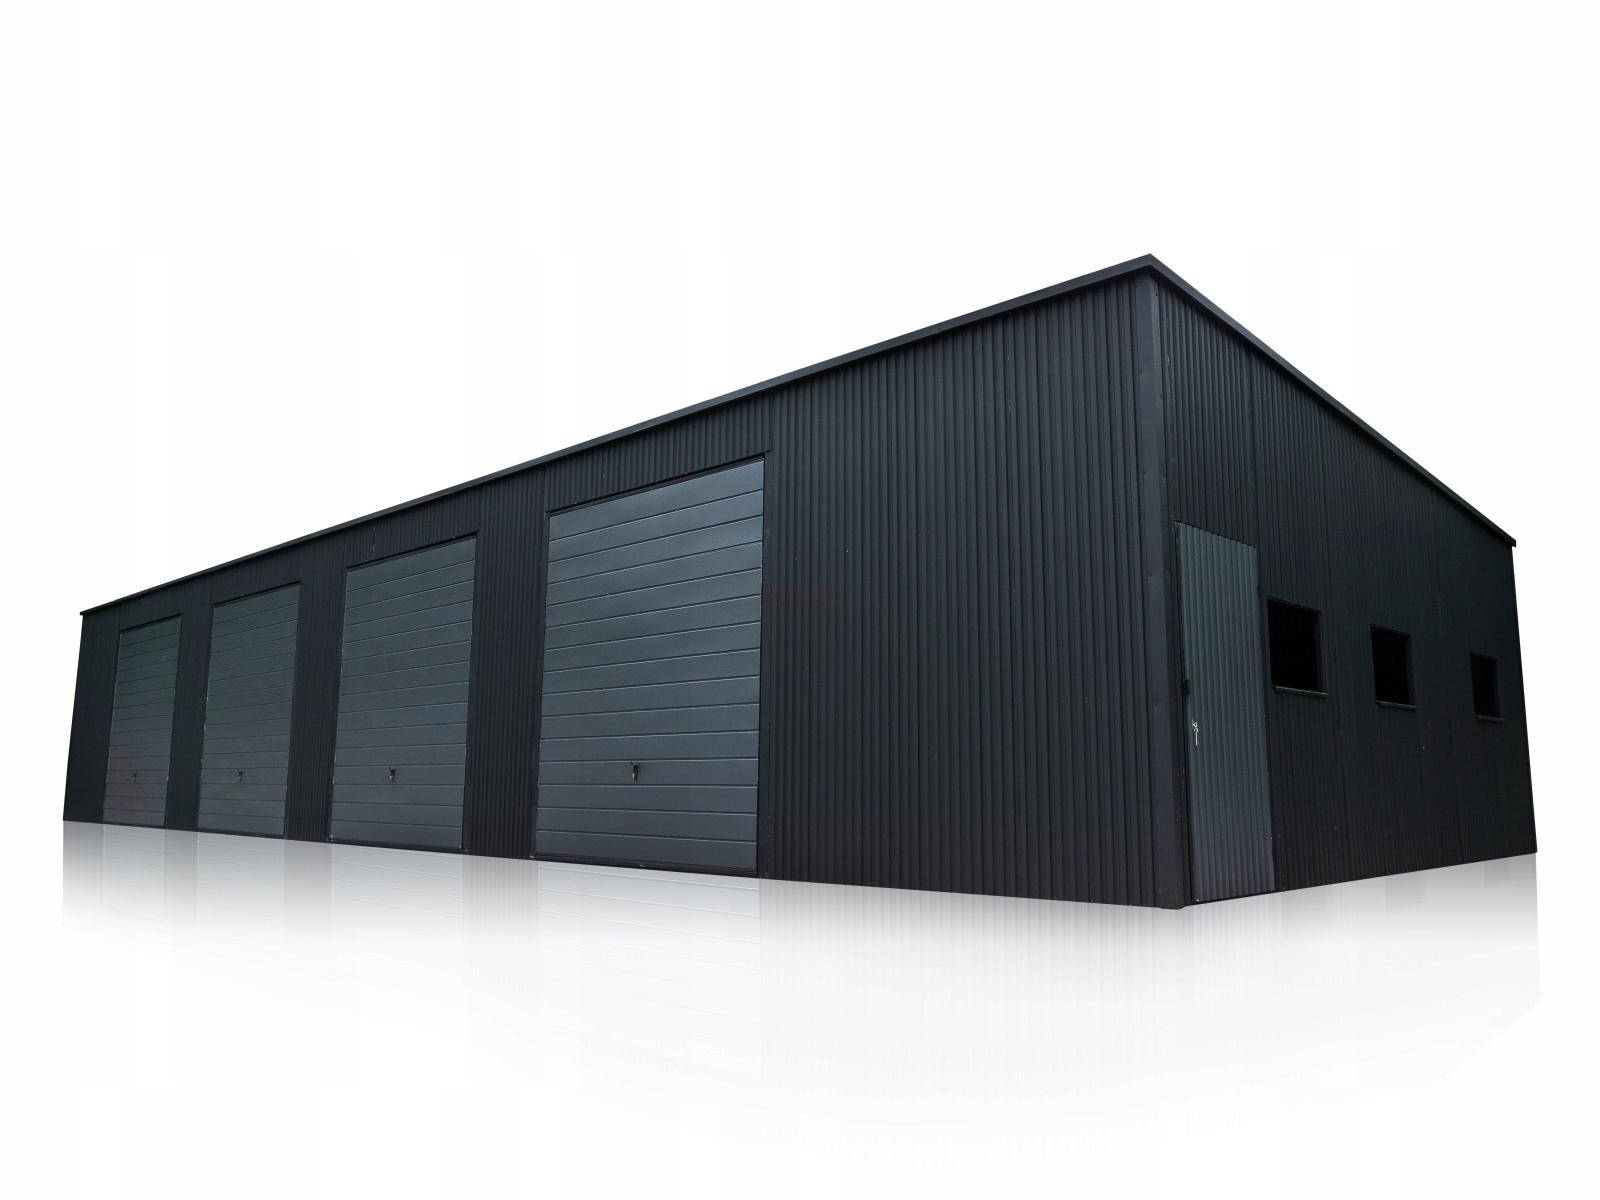 Garaż blaszany HALA 20x7 garaże blaszane hale 20x7